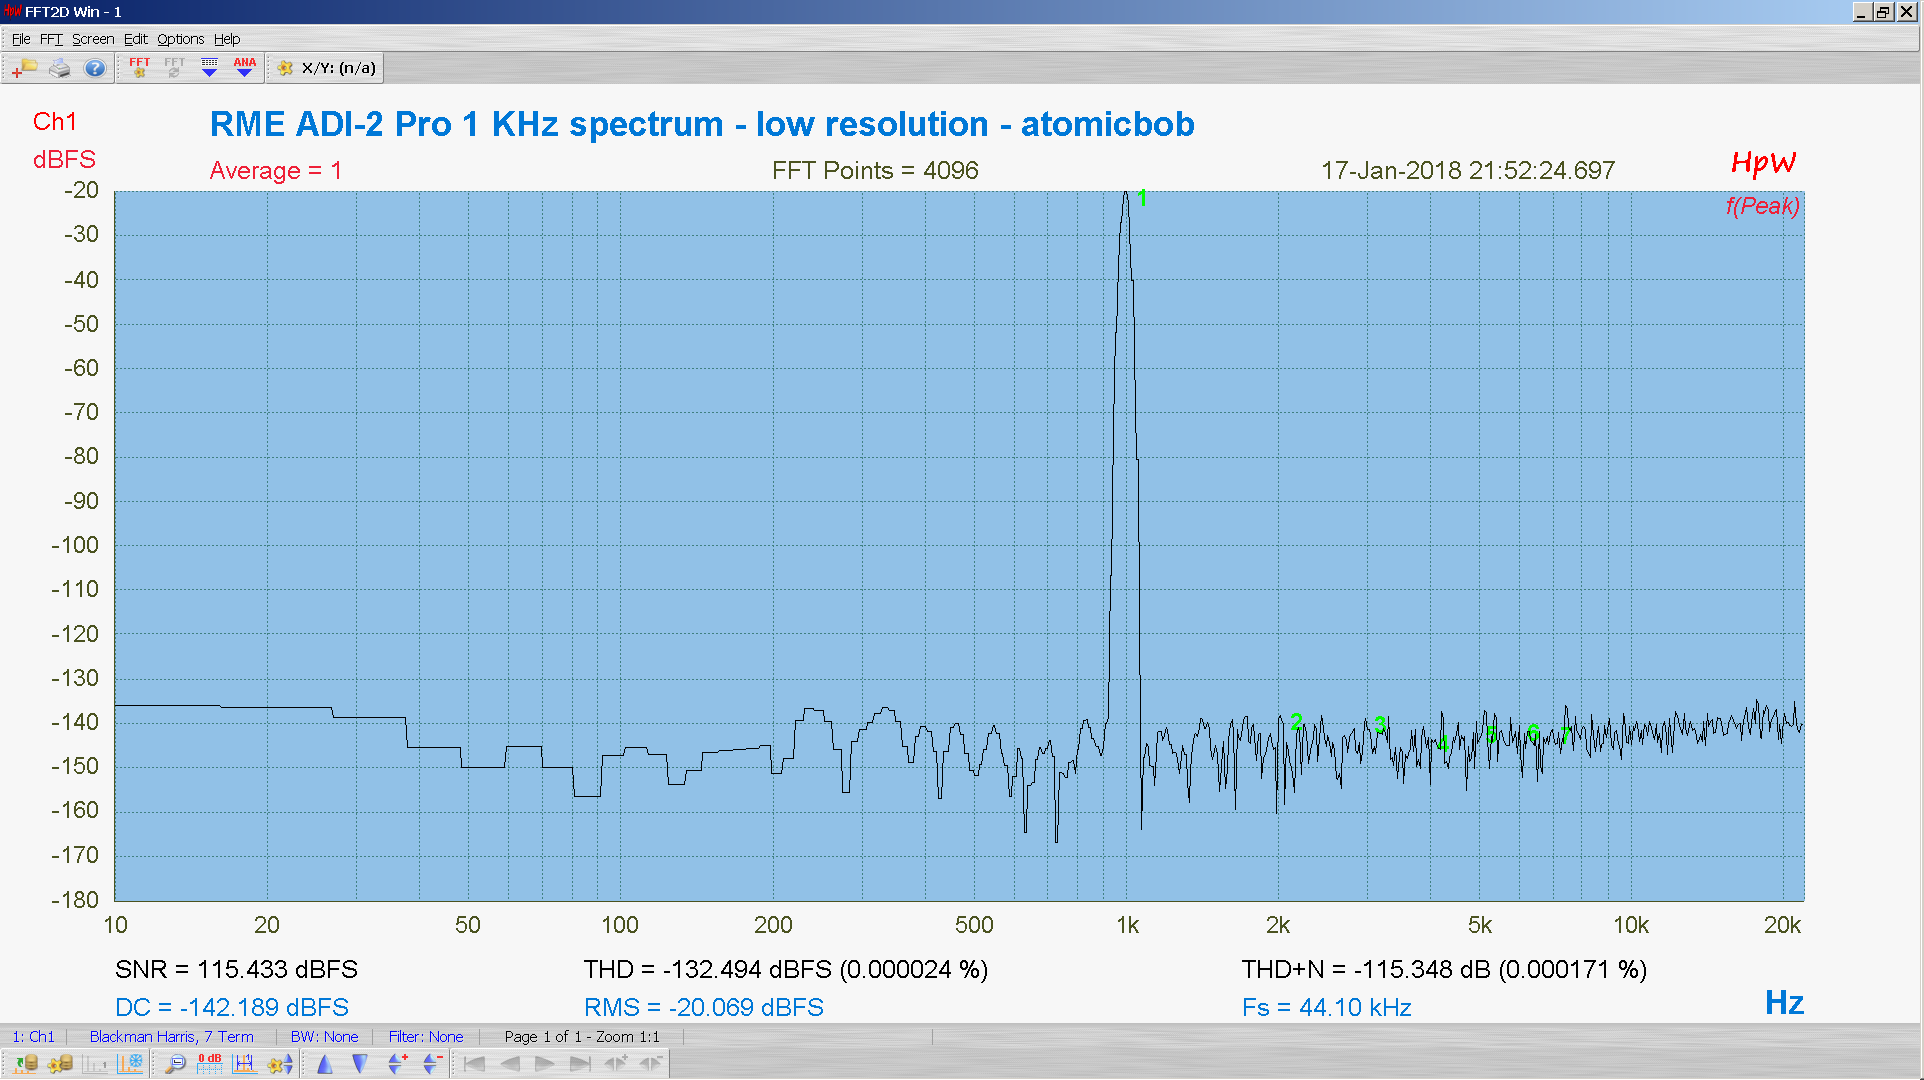 20180117-01 ADI-2 Pro Bal 1 KHz THD THD+N 4K FFT- ASIO -20 dBFS - HpW.PNG